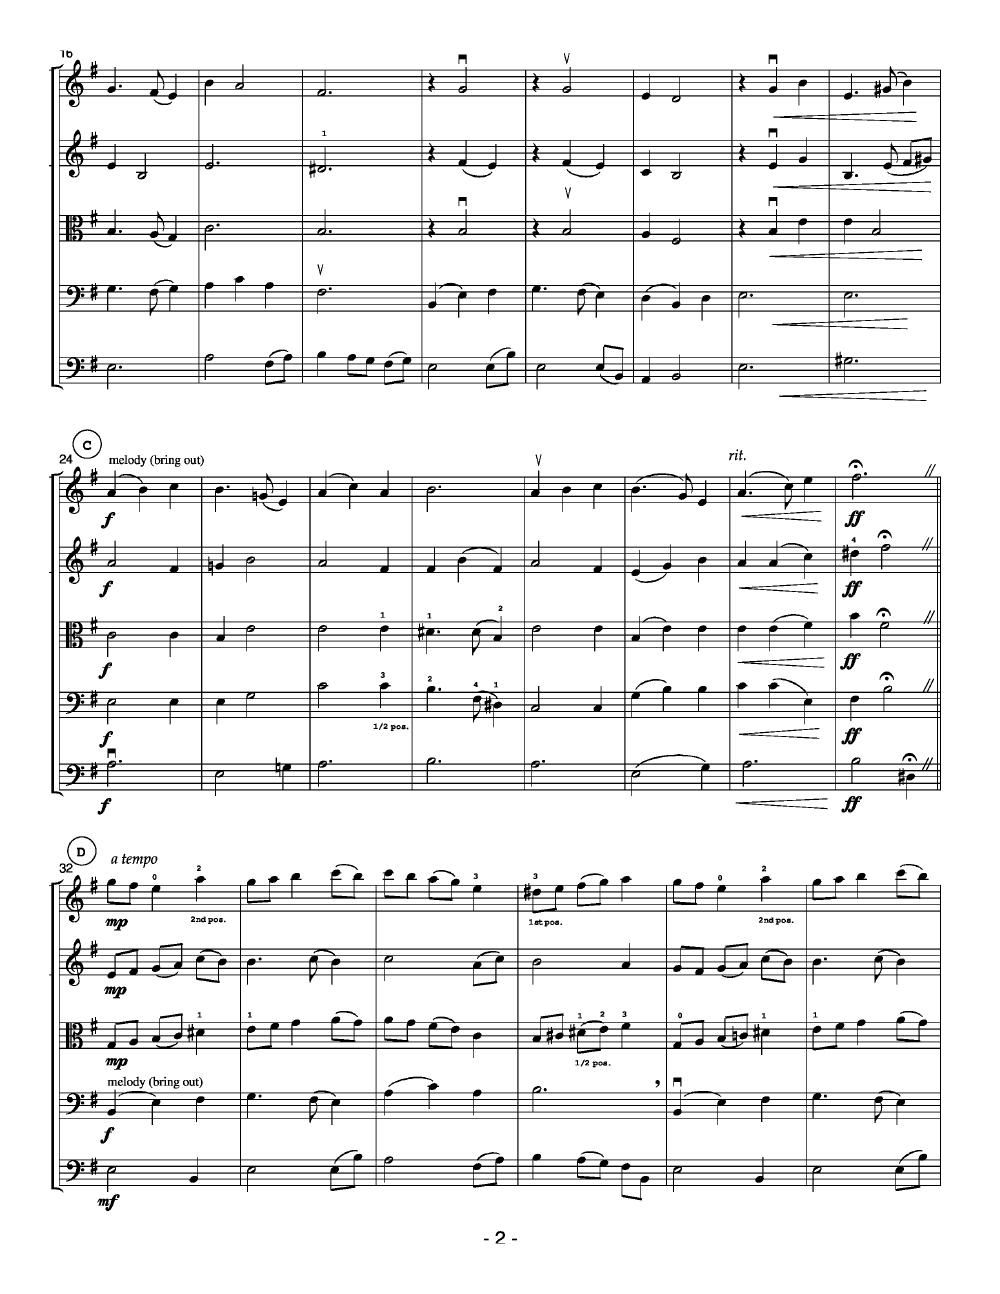 Cello Song Thumbnail